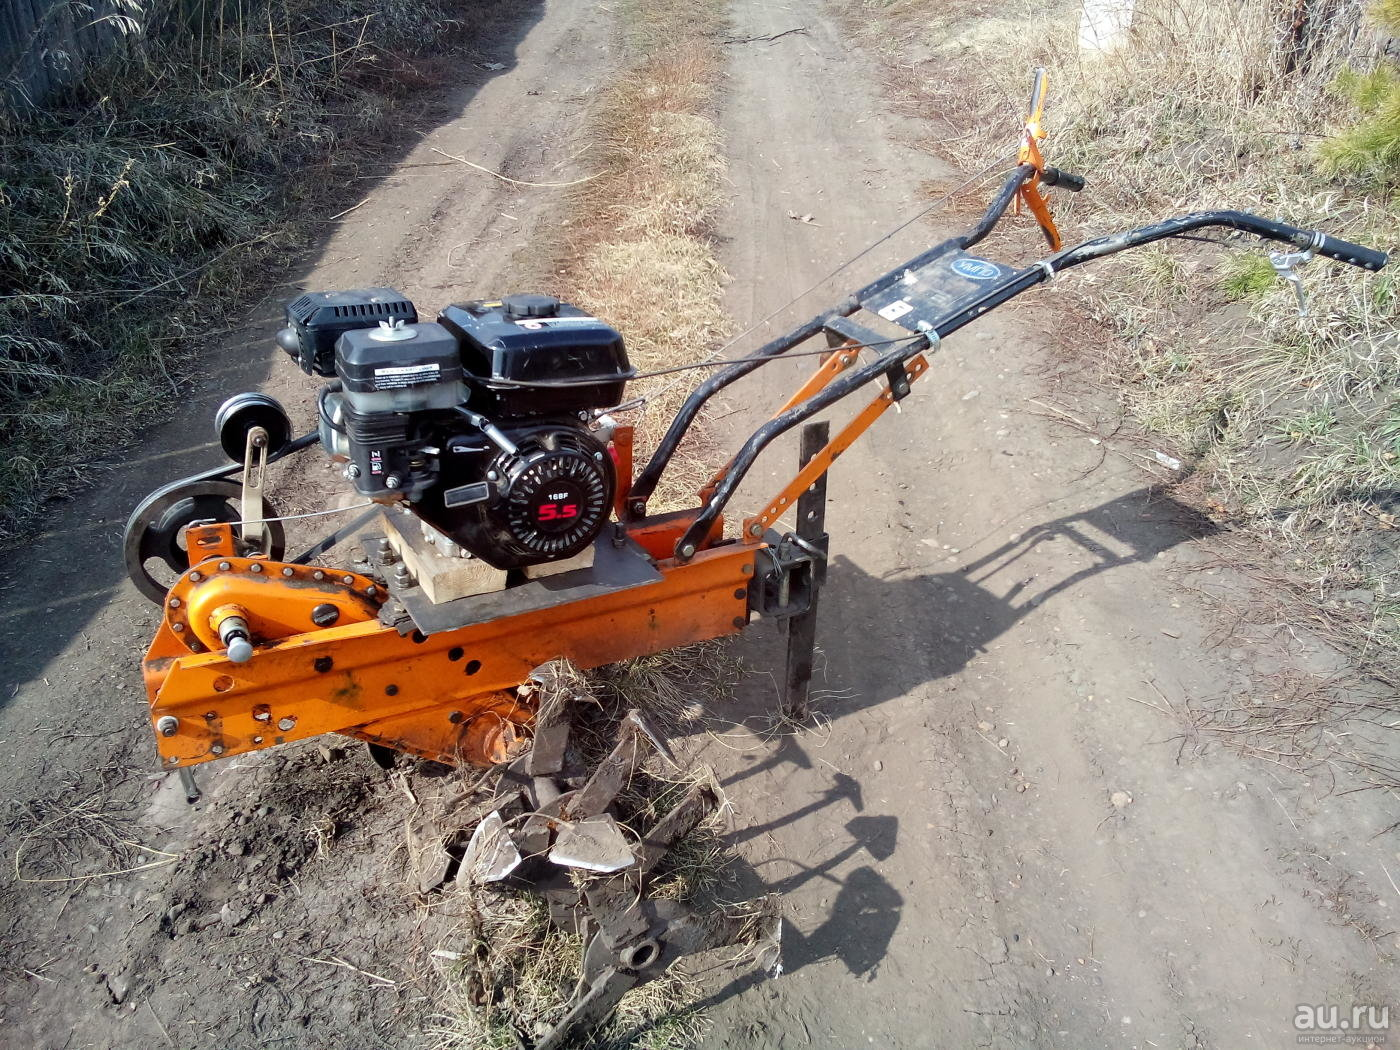 Мотоблок Урал с двигателем Lifan 168F